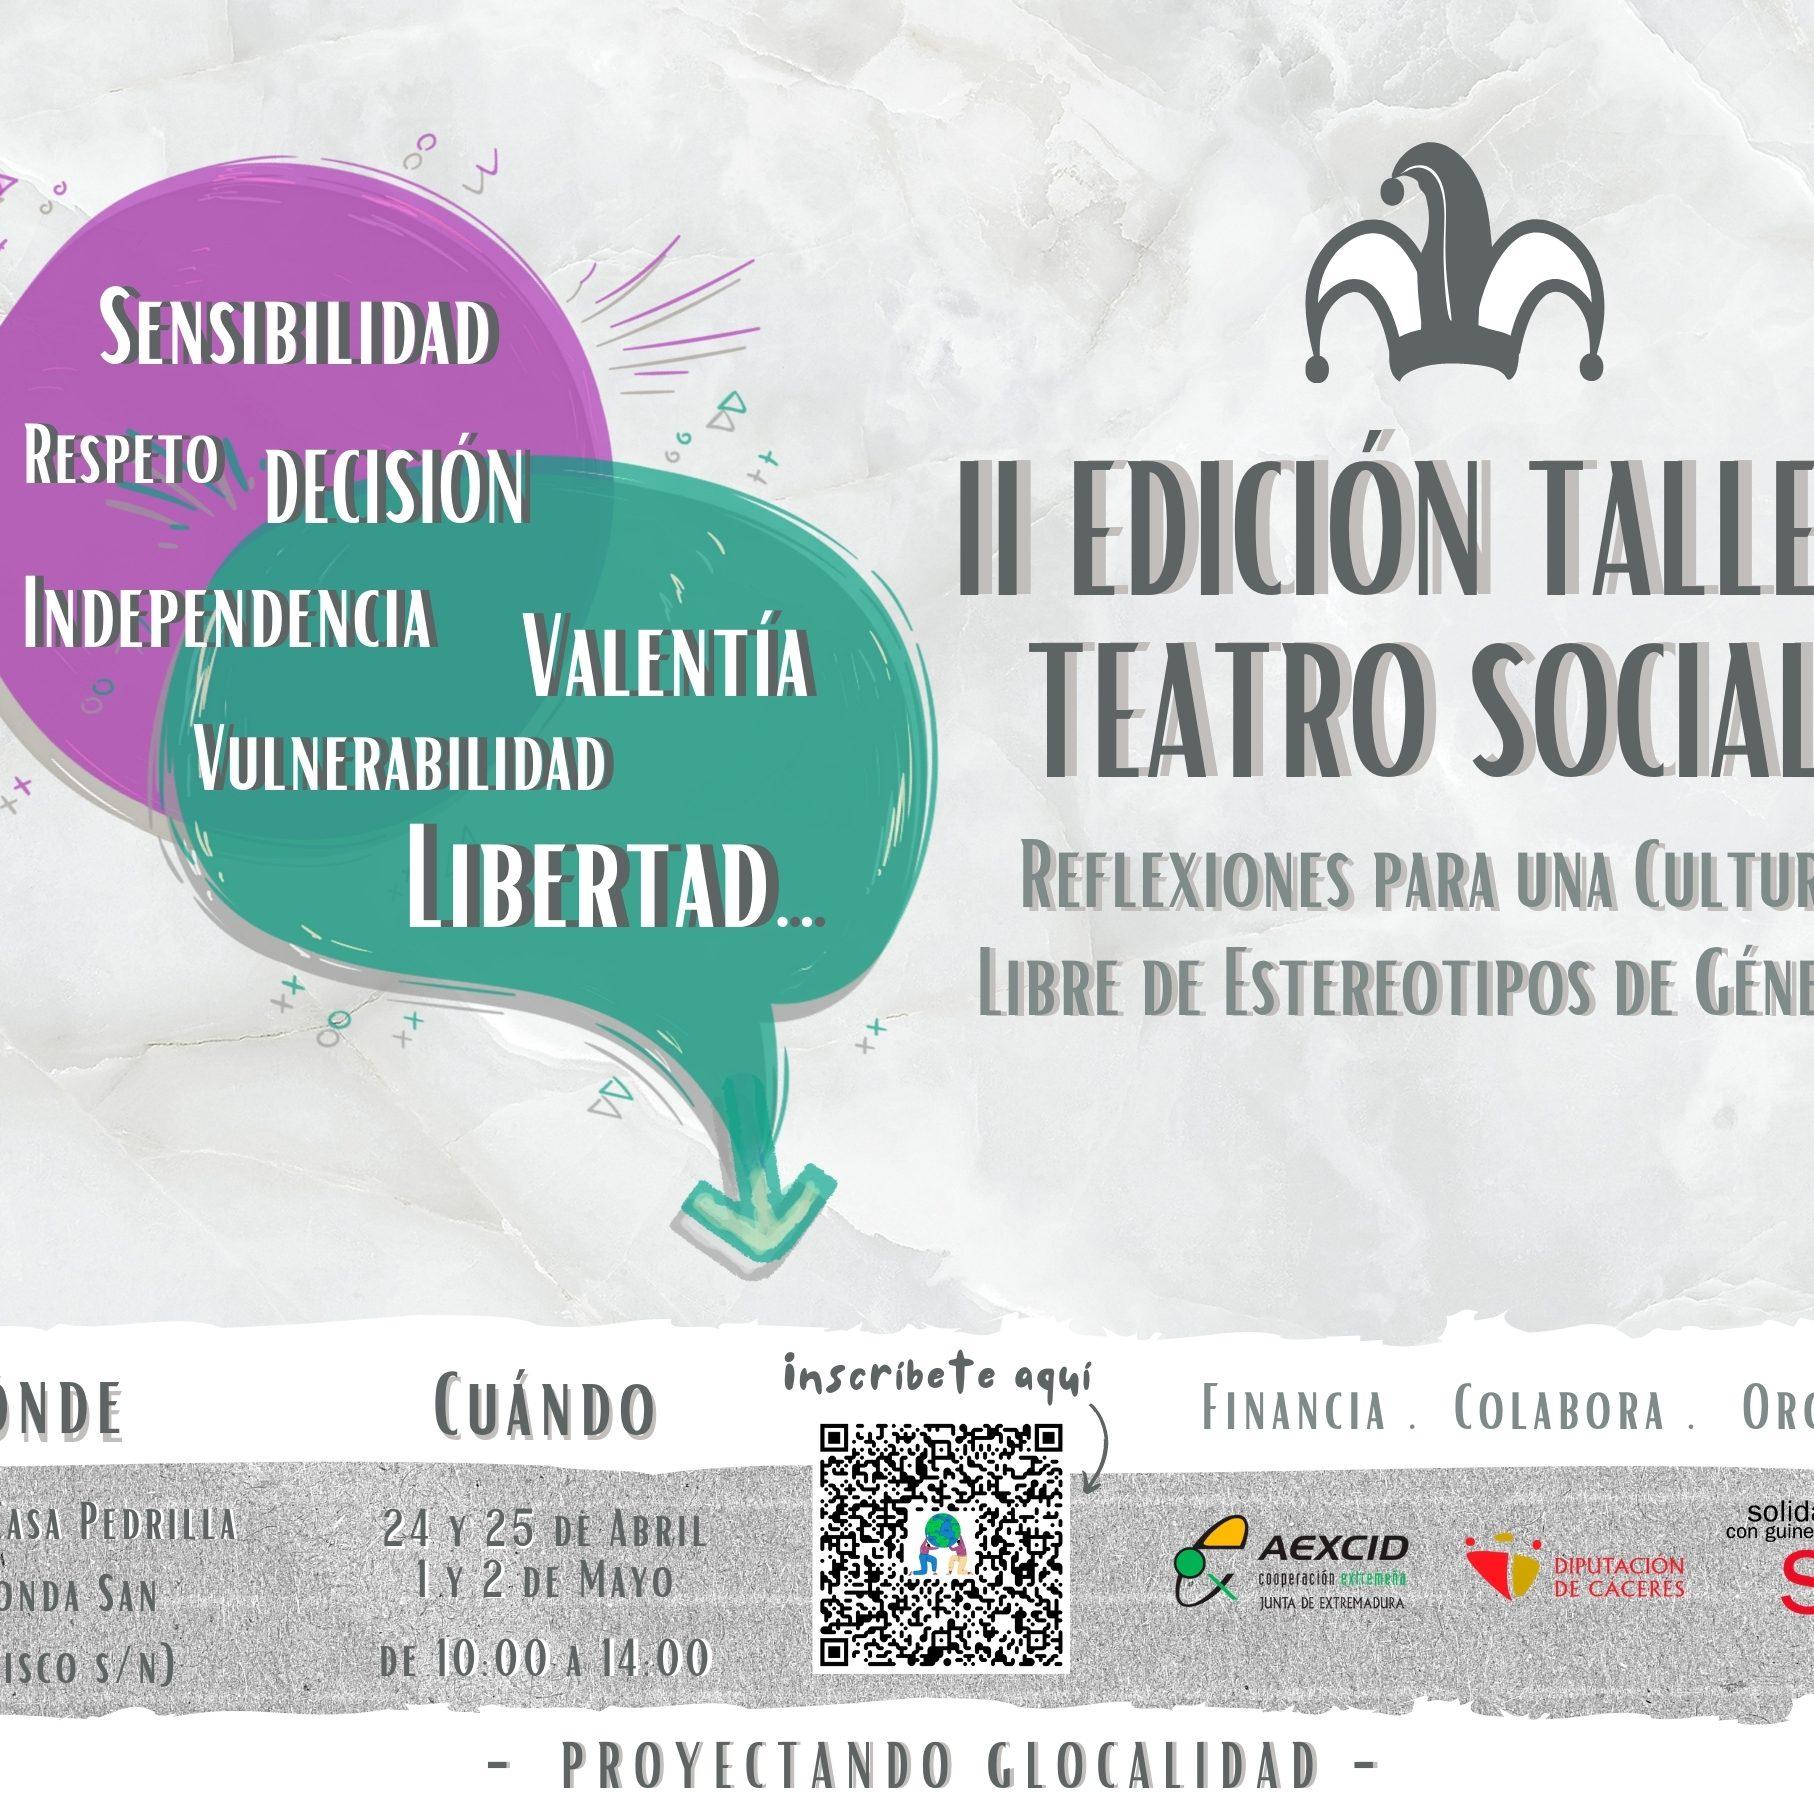 II Taller Teatro Social (3)